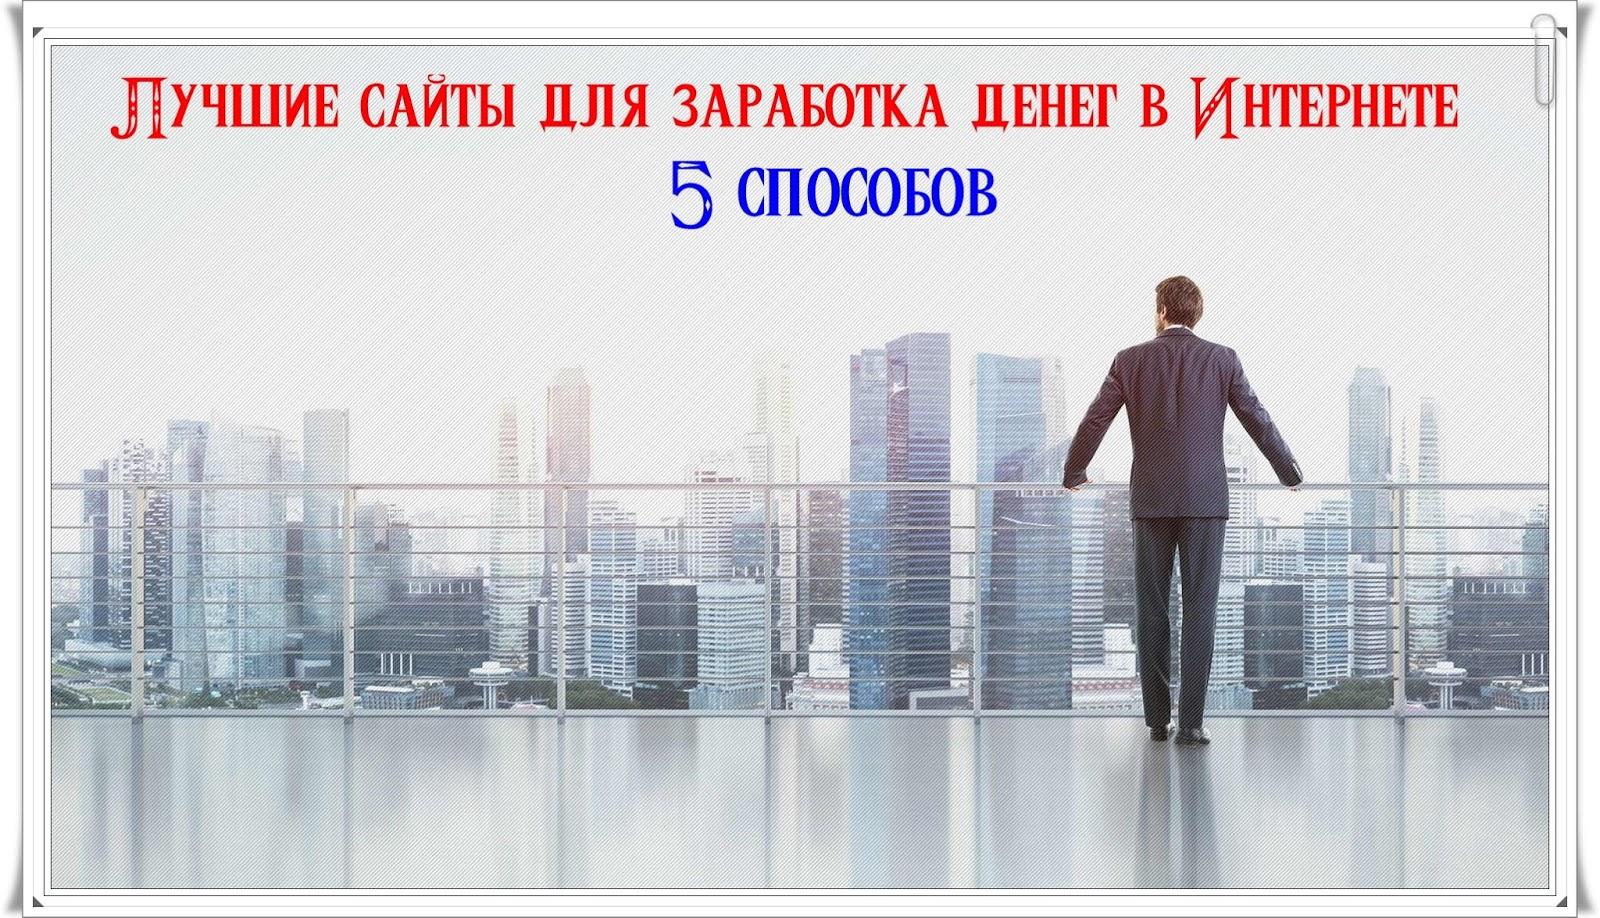 luchshie-sayty-dlya-zarabotka-deneg-v-Internete-5-sposobov